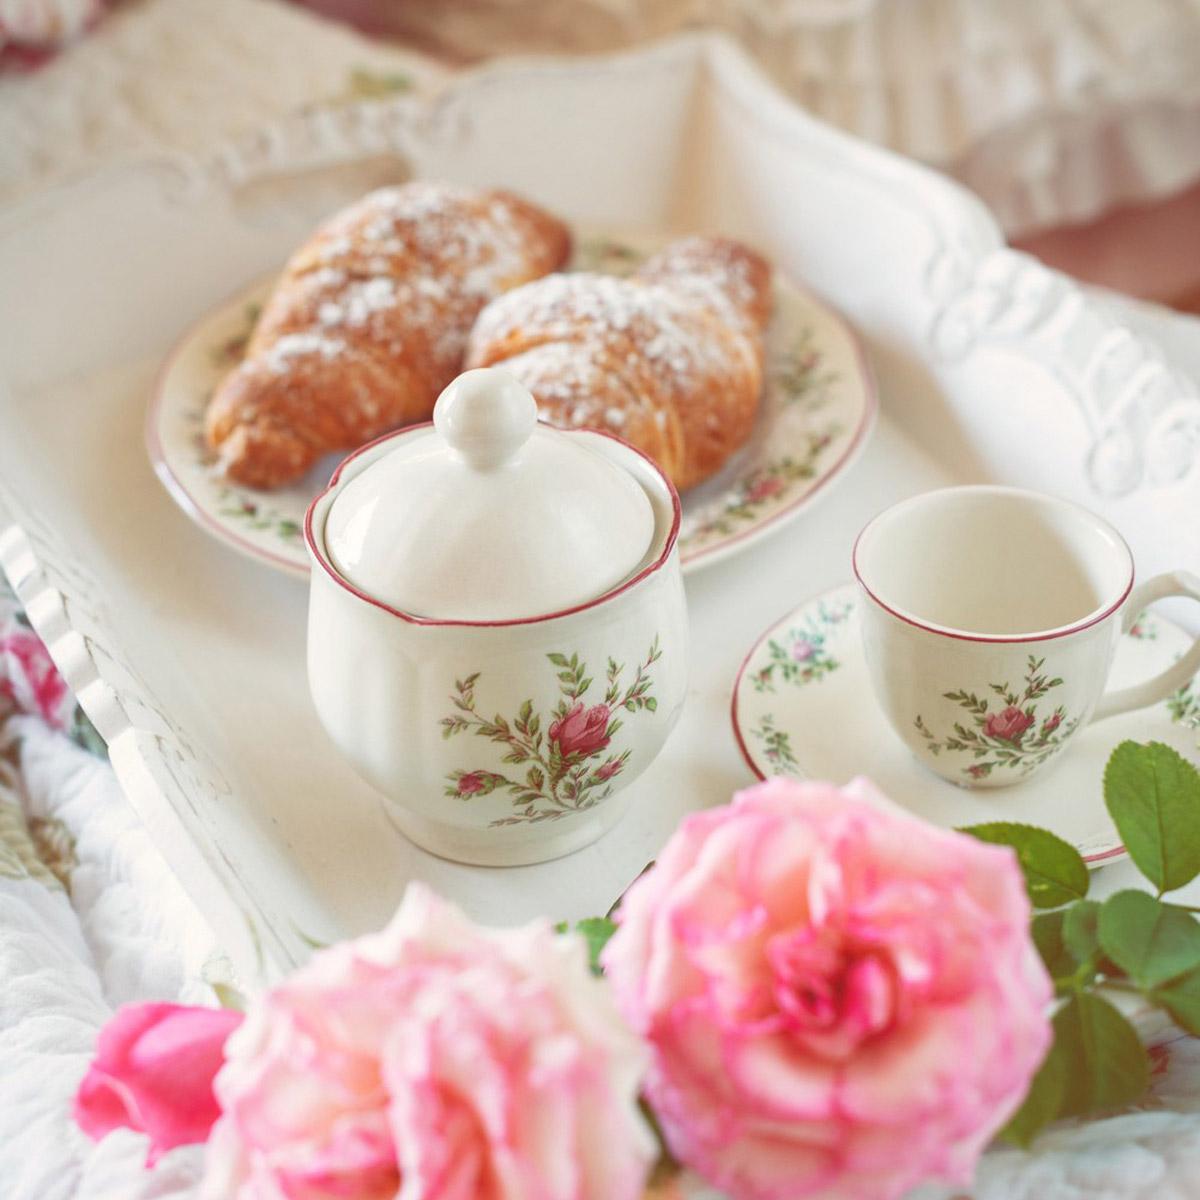 Blanc MariClo' La tavola di Pasqua con le tovagliette - Blog